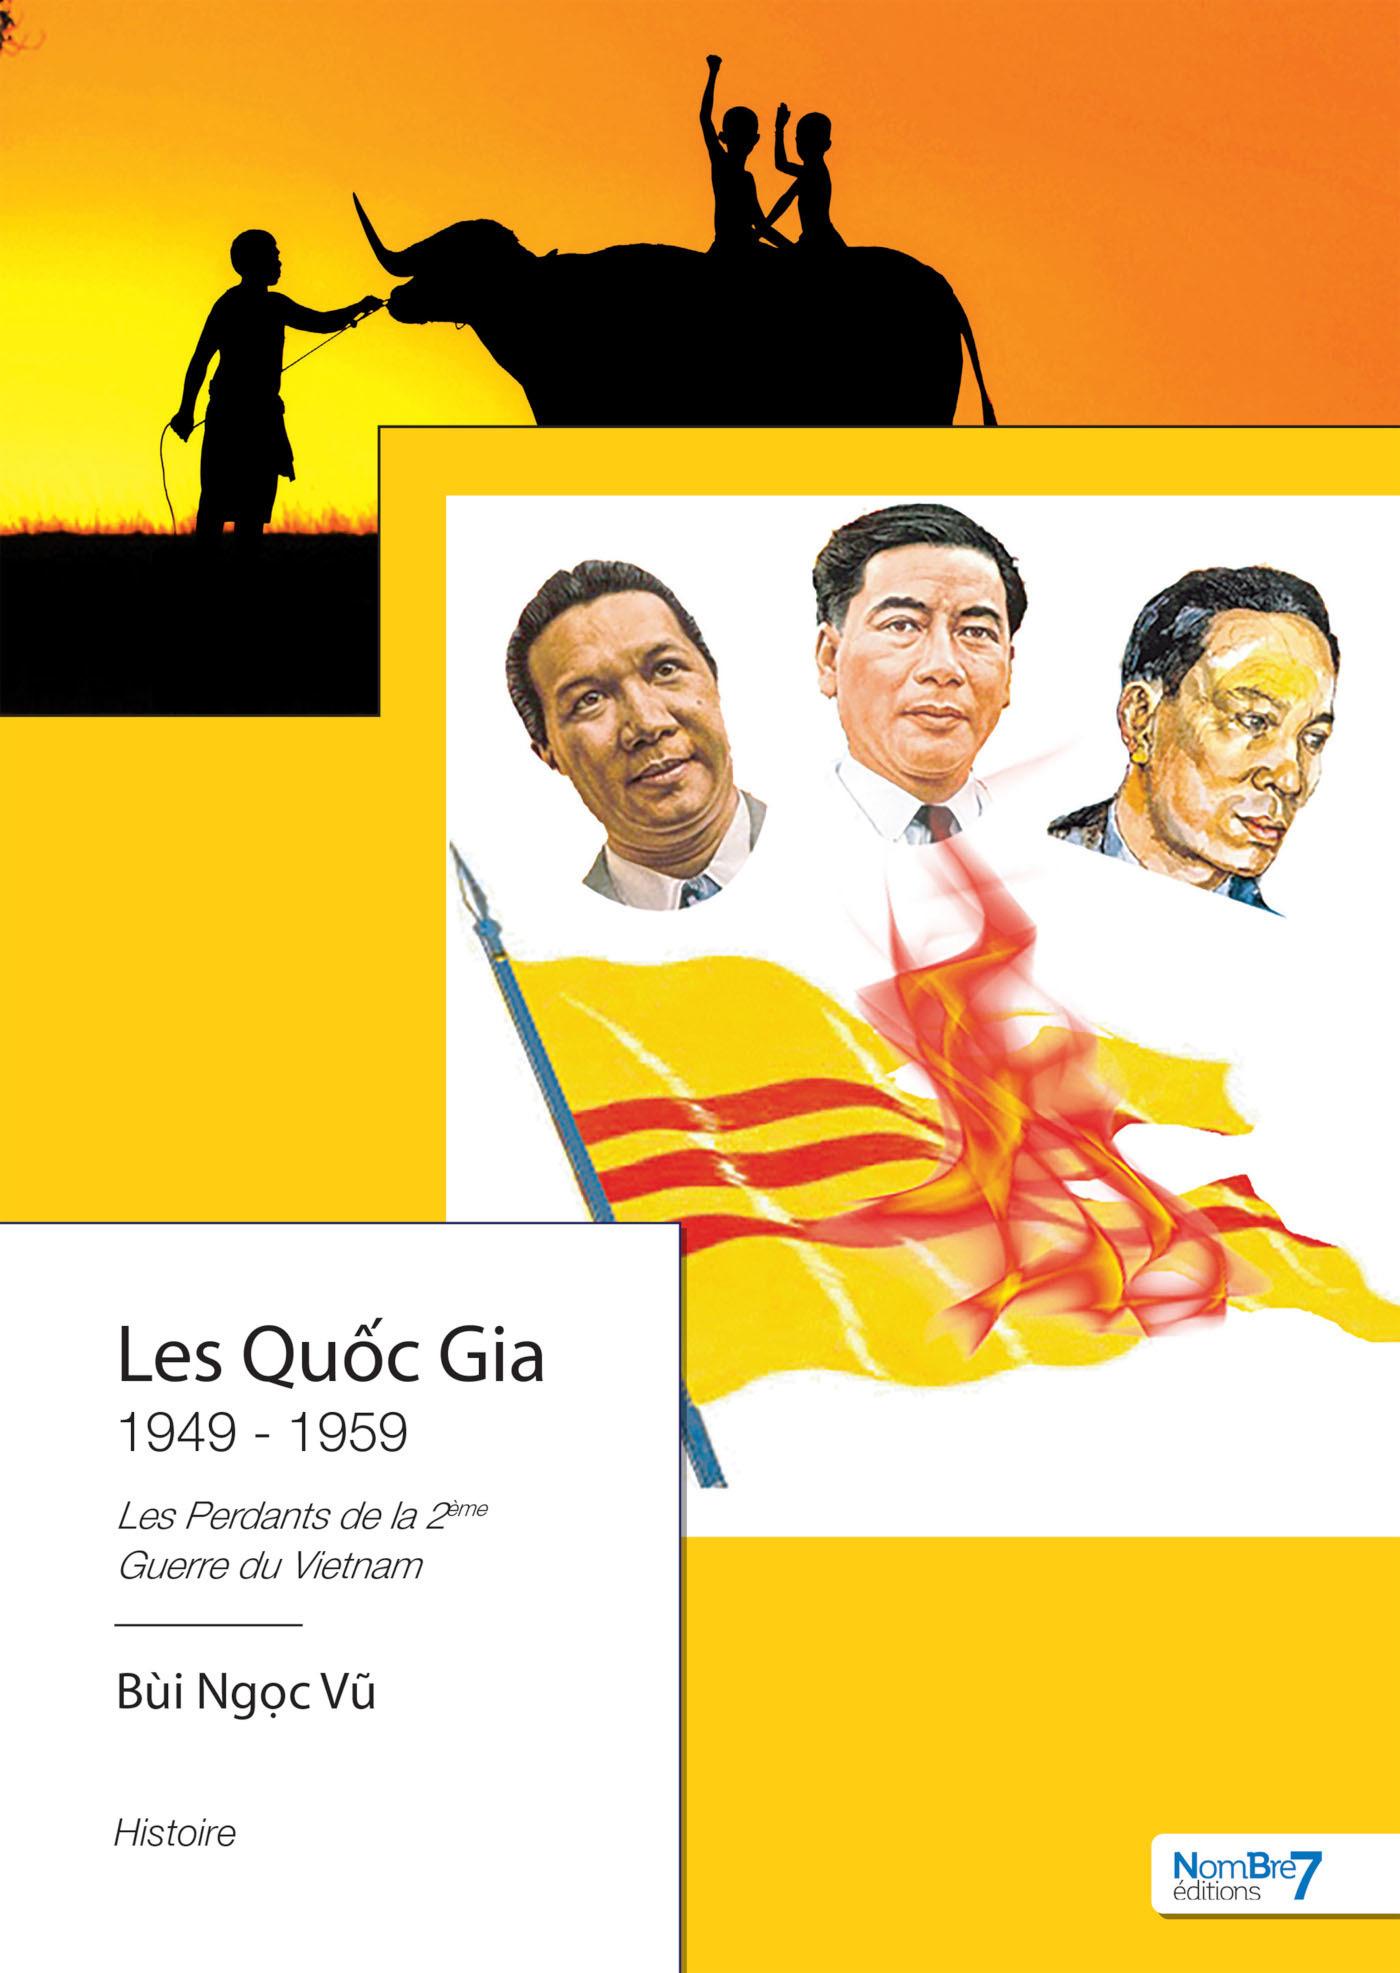 Les Quc Gia 1949 - 1959  - Ngoc Vu Bui